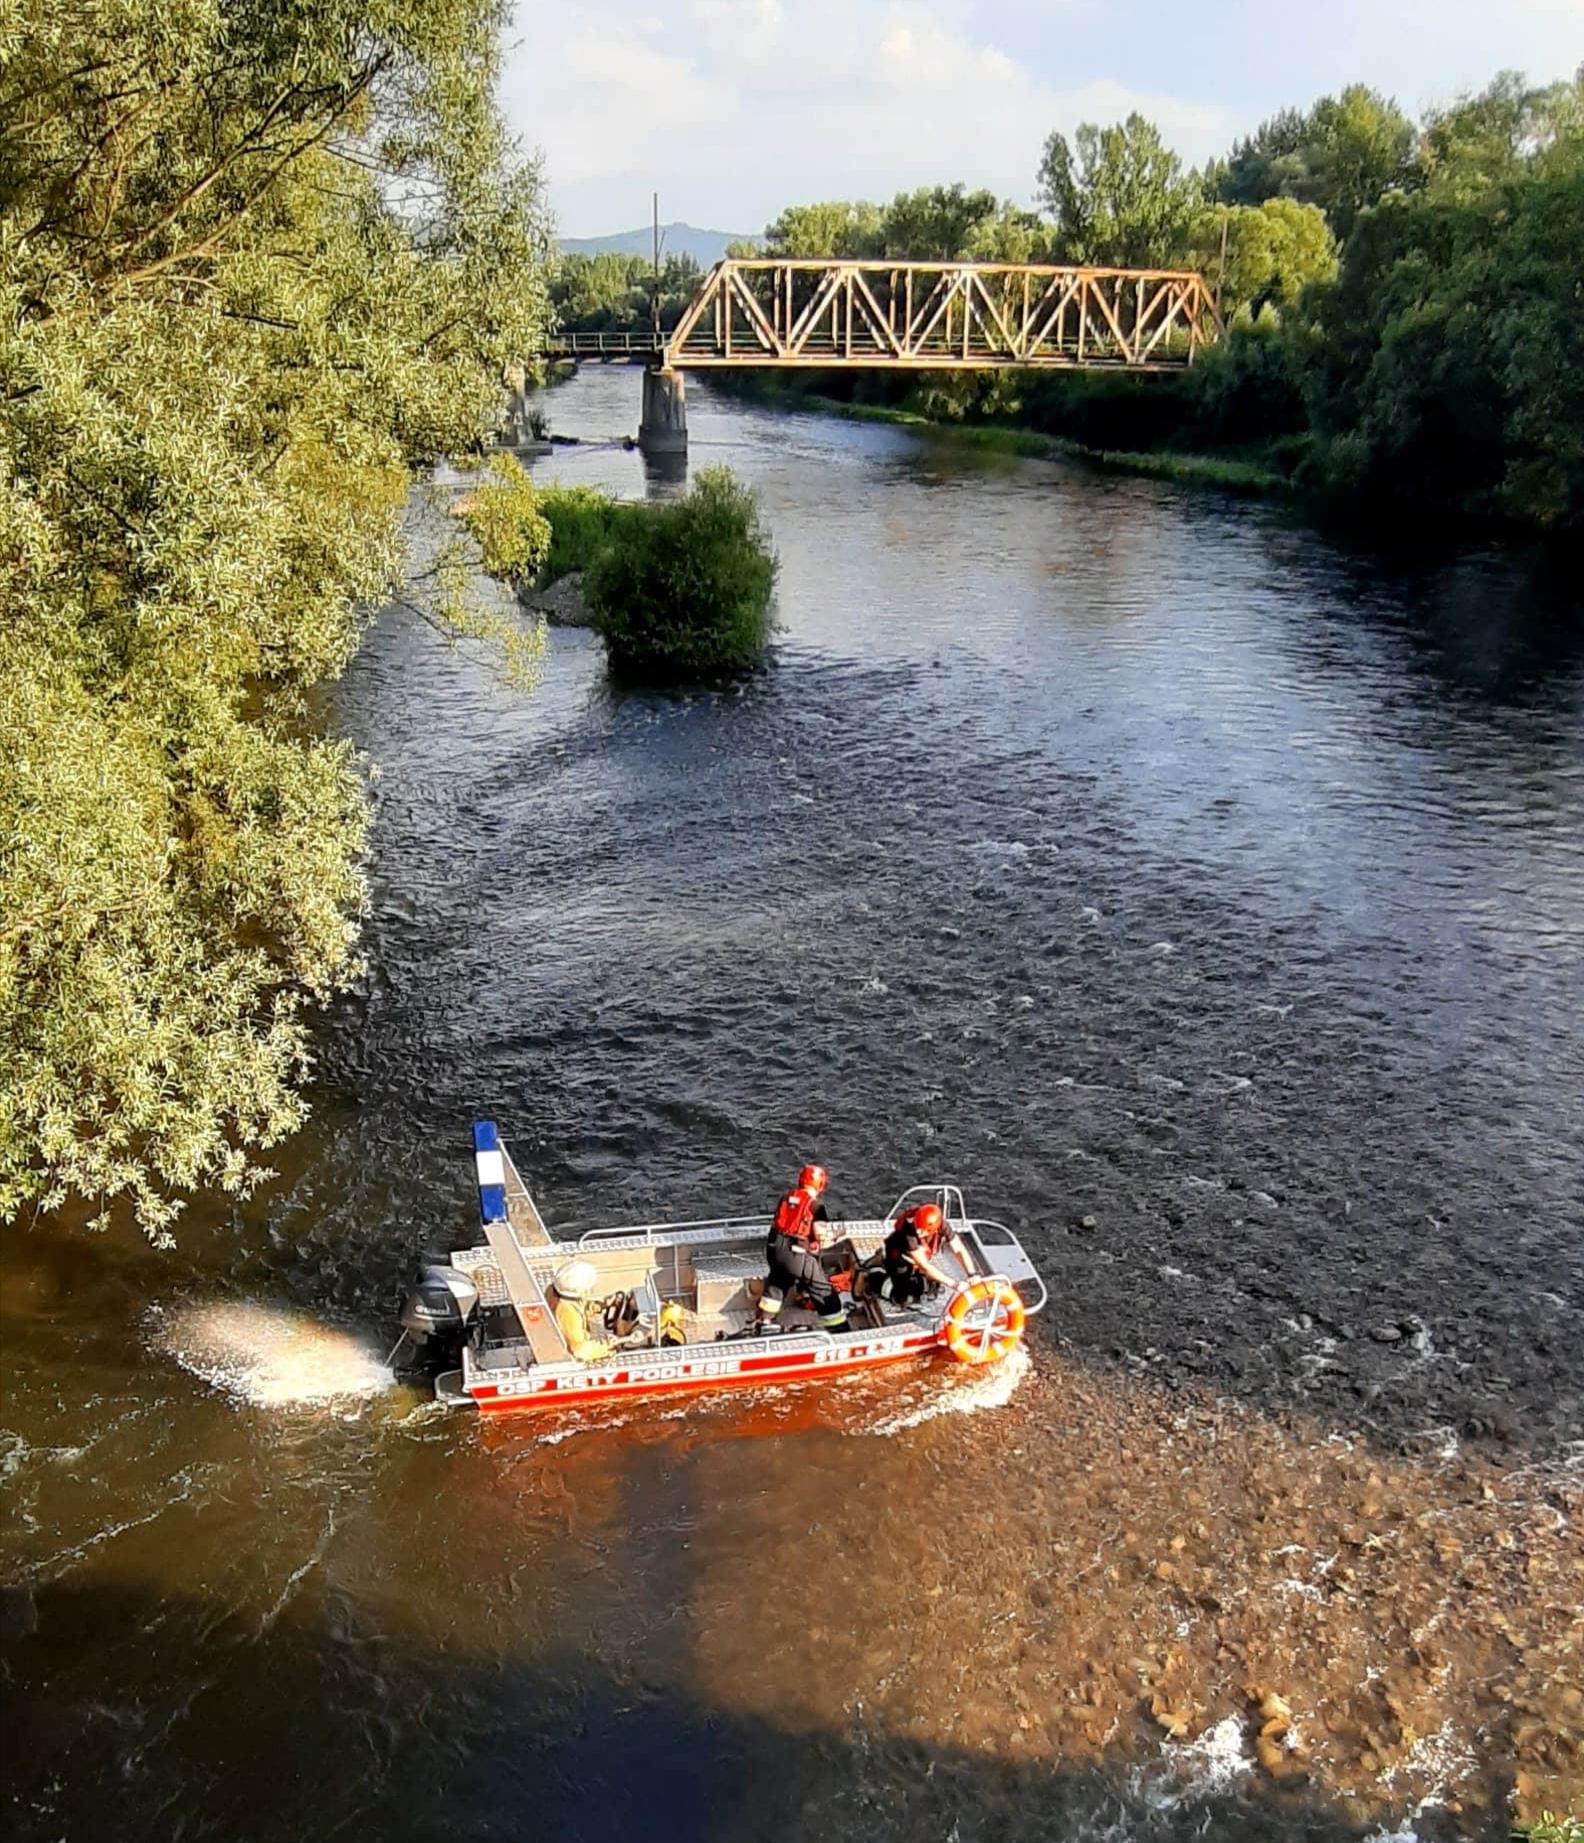 Utknęli na środku rzeki. Z pomocą przybyli strażacy